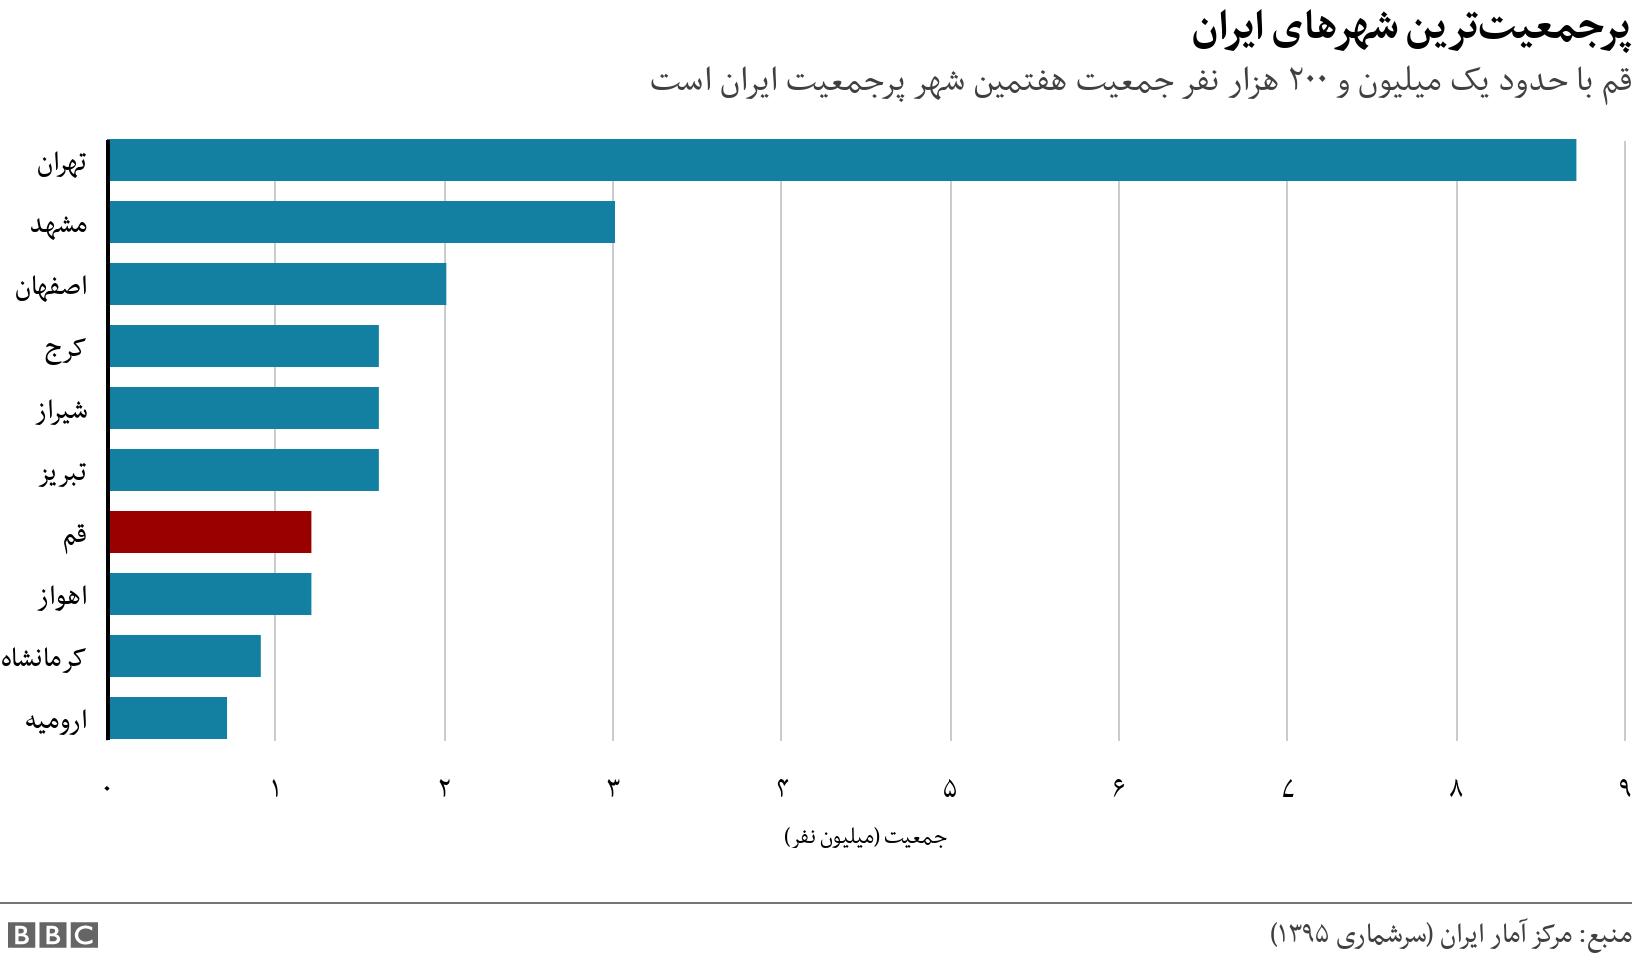 پرجمعیتترین شهرهای ایران. قم با حدود یک میلیون و ۲۰۰ هزار نفر جمعیت هفتمین شهر پرجمعیت ایران است.  .